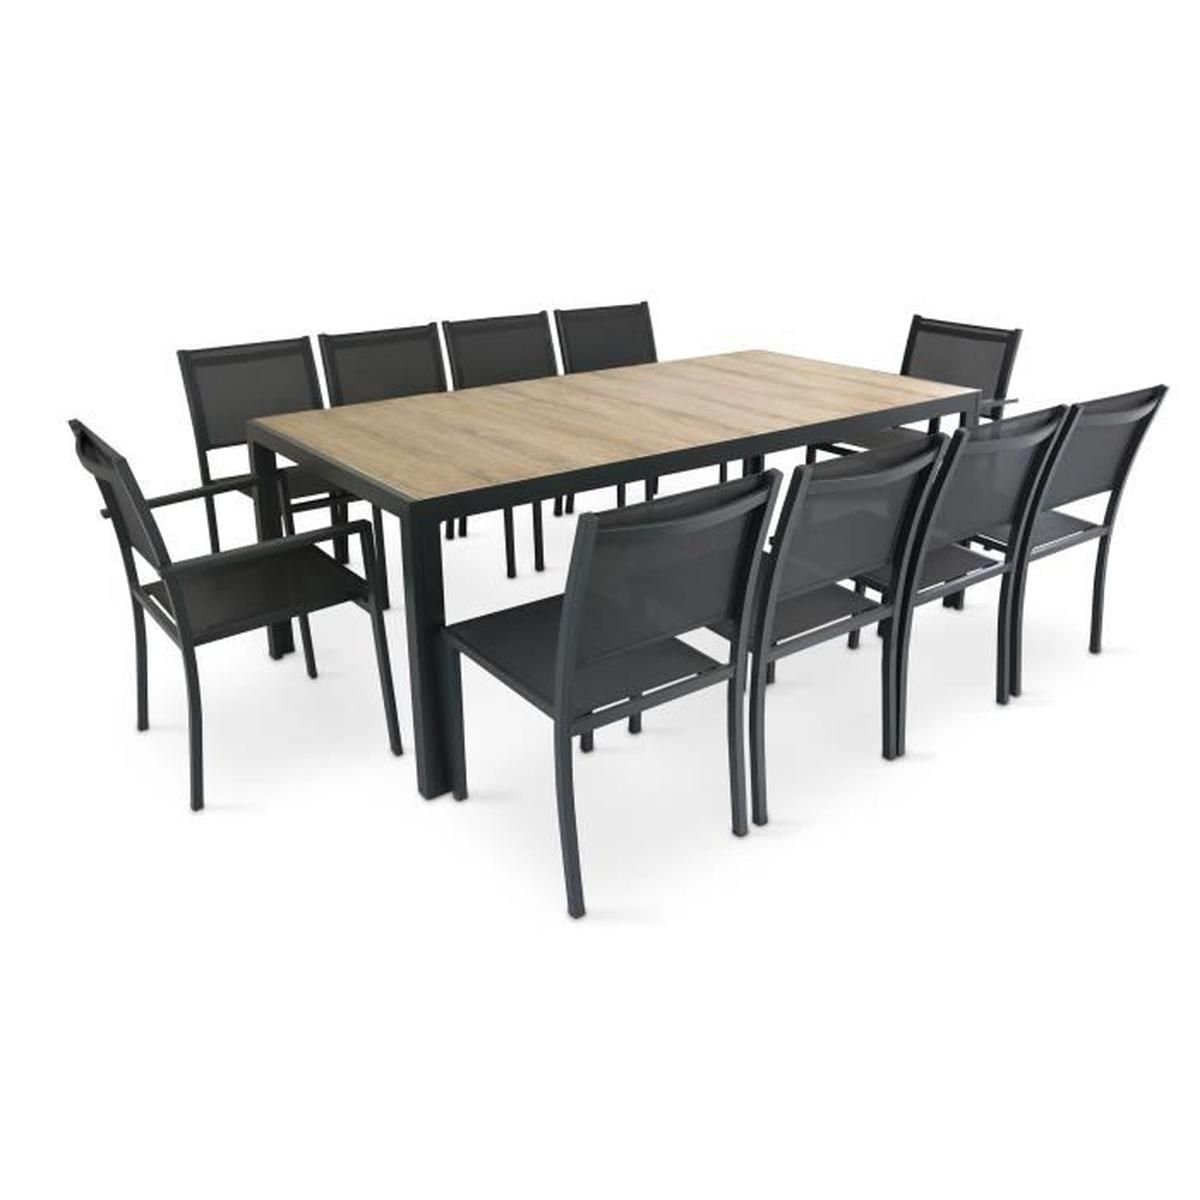 Table De Jardin 10 Places Aluminium Et Céramique - Ensemble ... dedans Salon De Jardin 10 Personnes